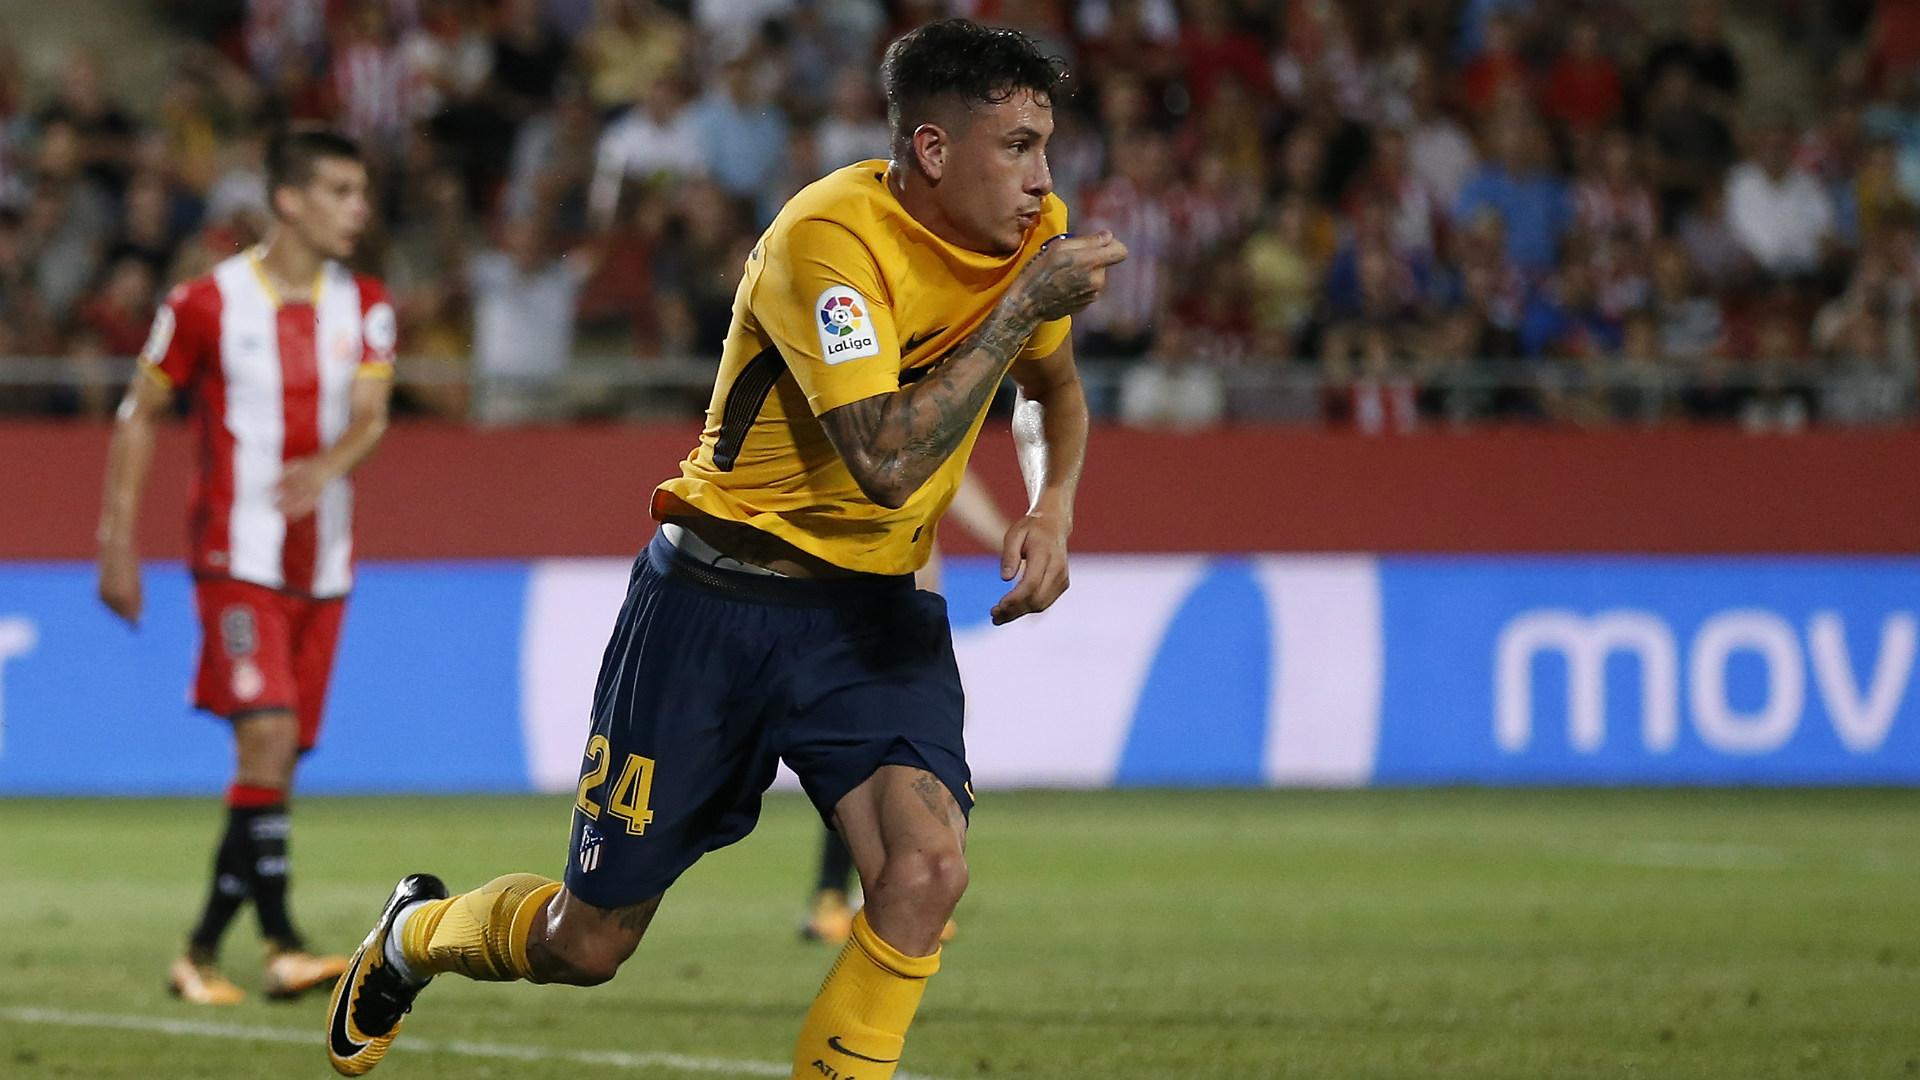 Serie A, calciomercato Inter: è Gimenez l'obiettivo per la difesa